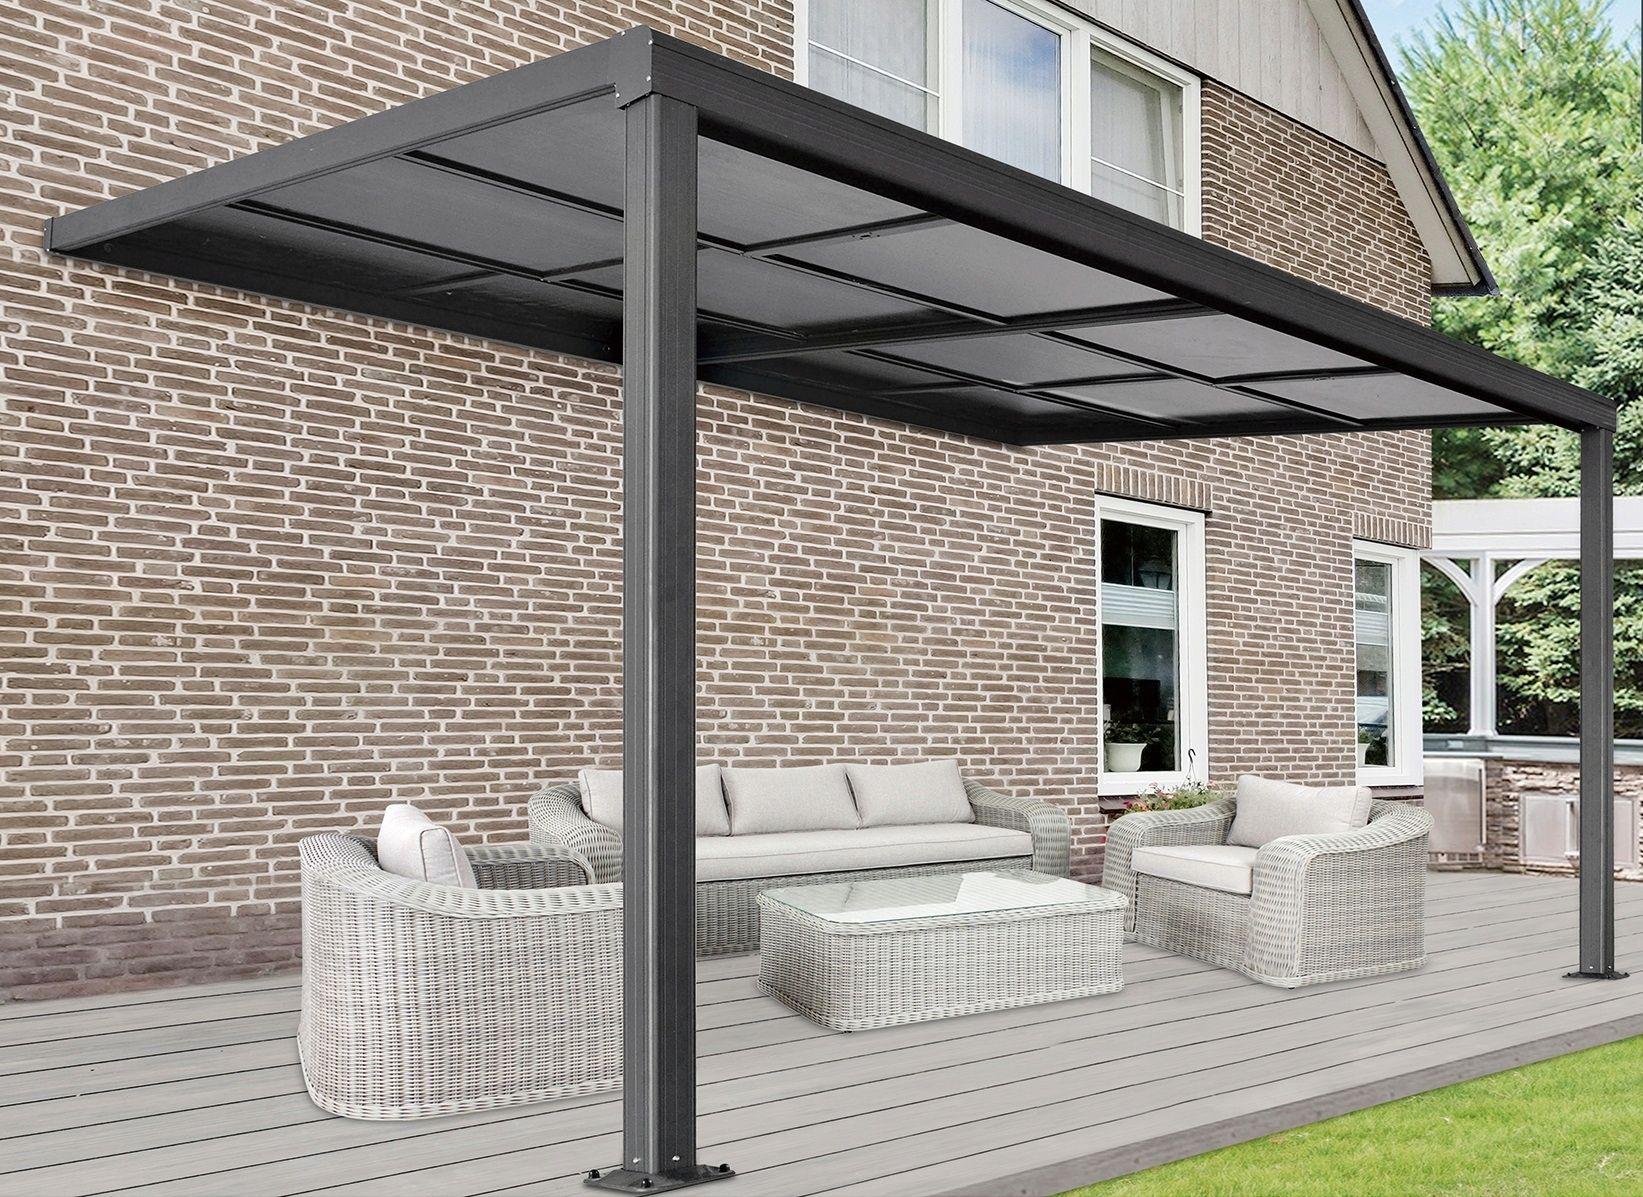 Zadaszenie Tarasu Z Rozsuwanym Dachem 300x400 Cm 9249381793 Oficjalne Archiwum Allegro Pergola Outdoor Structures